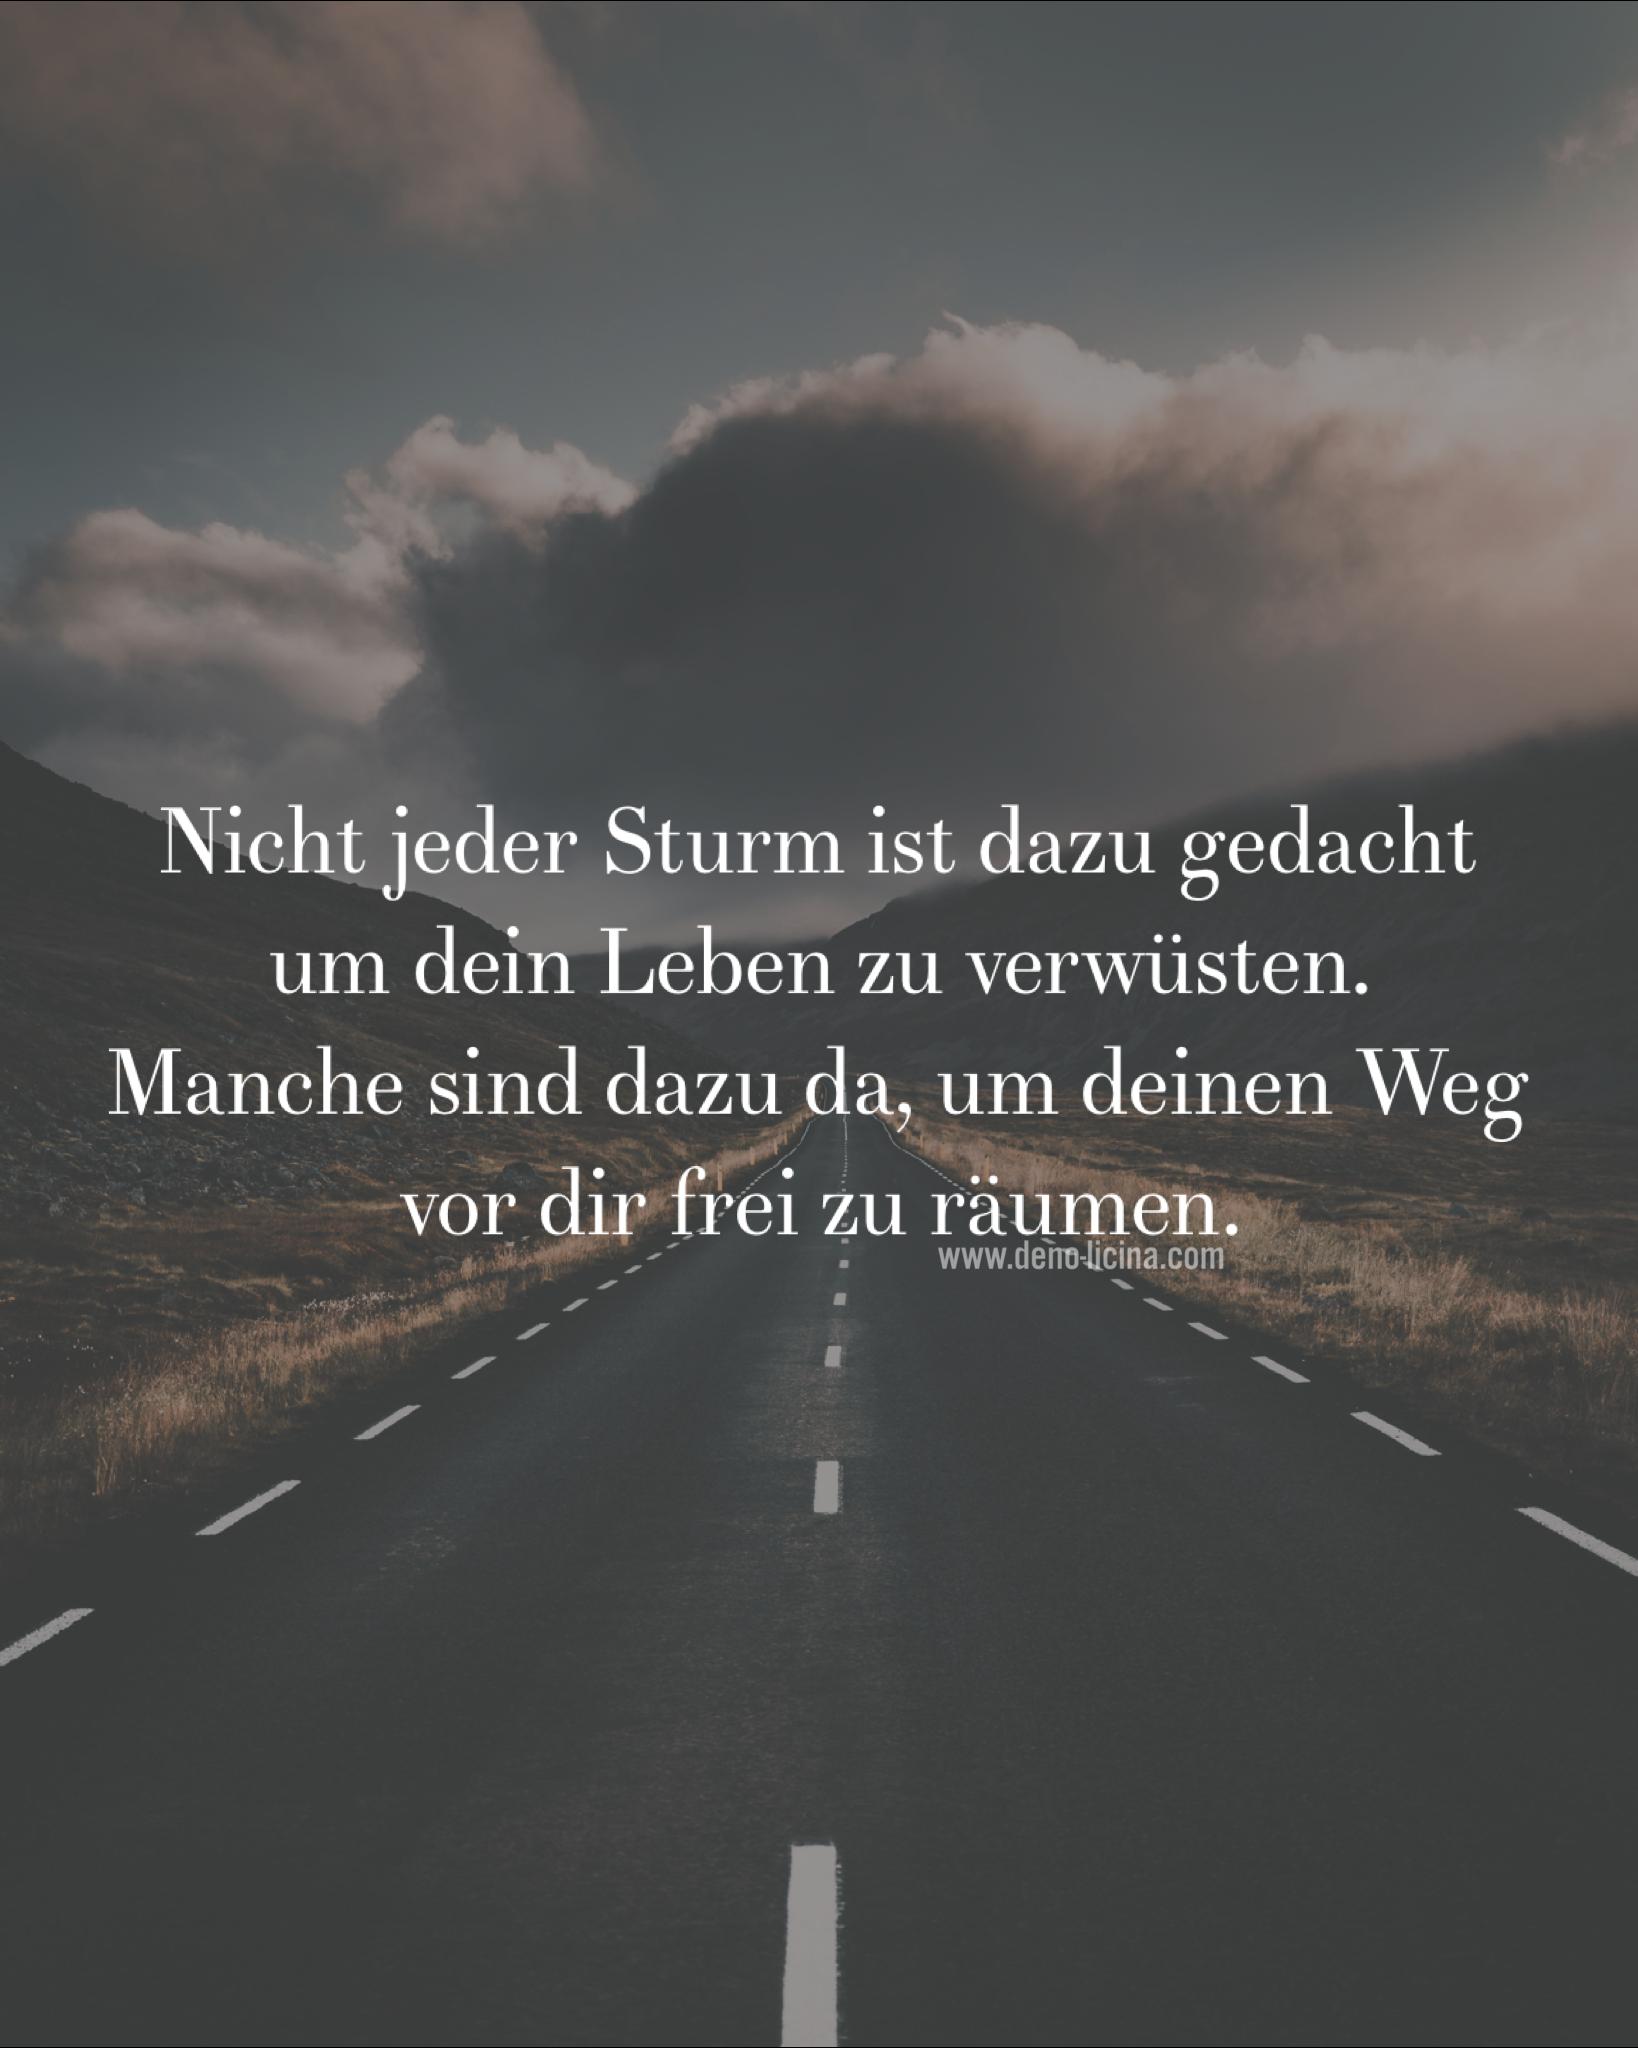 Nicht jeder Sturm ist dazu gedacht um dein Leben zu verwüsten. Manche sind dazu da, um deinen Weg vor dir frei zu räumen. Sprüche / Zitate / Schicksal / Bestimmung